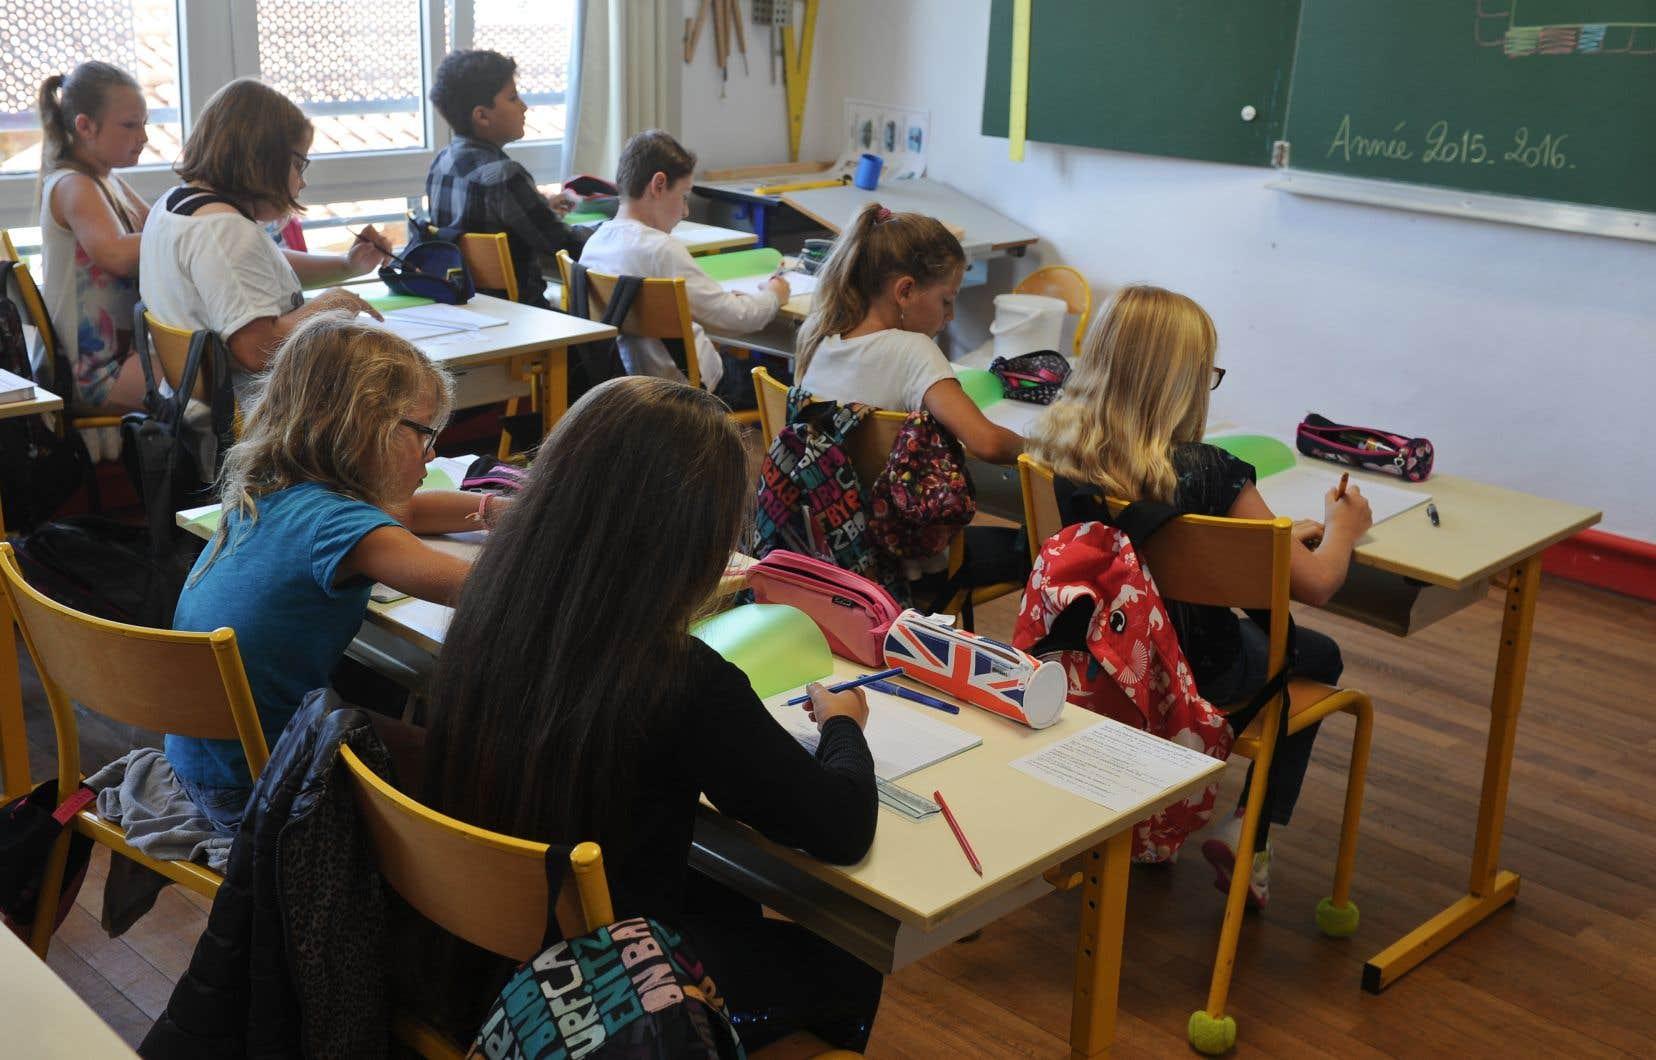 Cette année, un prof sur dix (11%) rapporte avoir subi des pressions de sa direction d'école pour modifier des notes d'élèves.